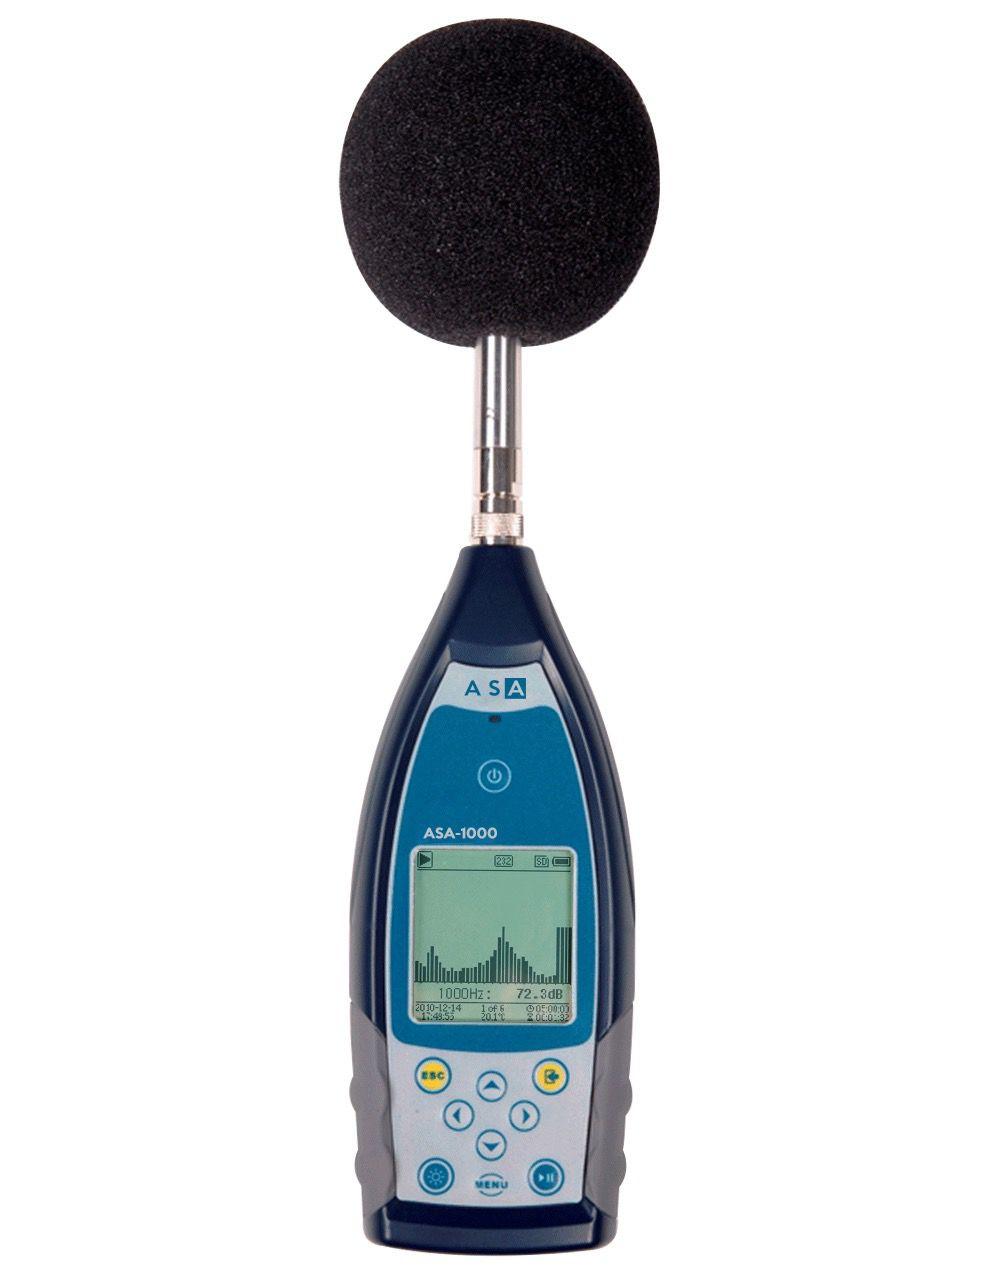 Medidor de Nivel Sonoro com filtro de Banda de Oitava 1/1 Classe 1 Conforme IEC 61672 - ASA 1000